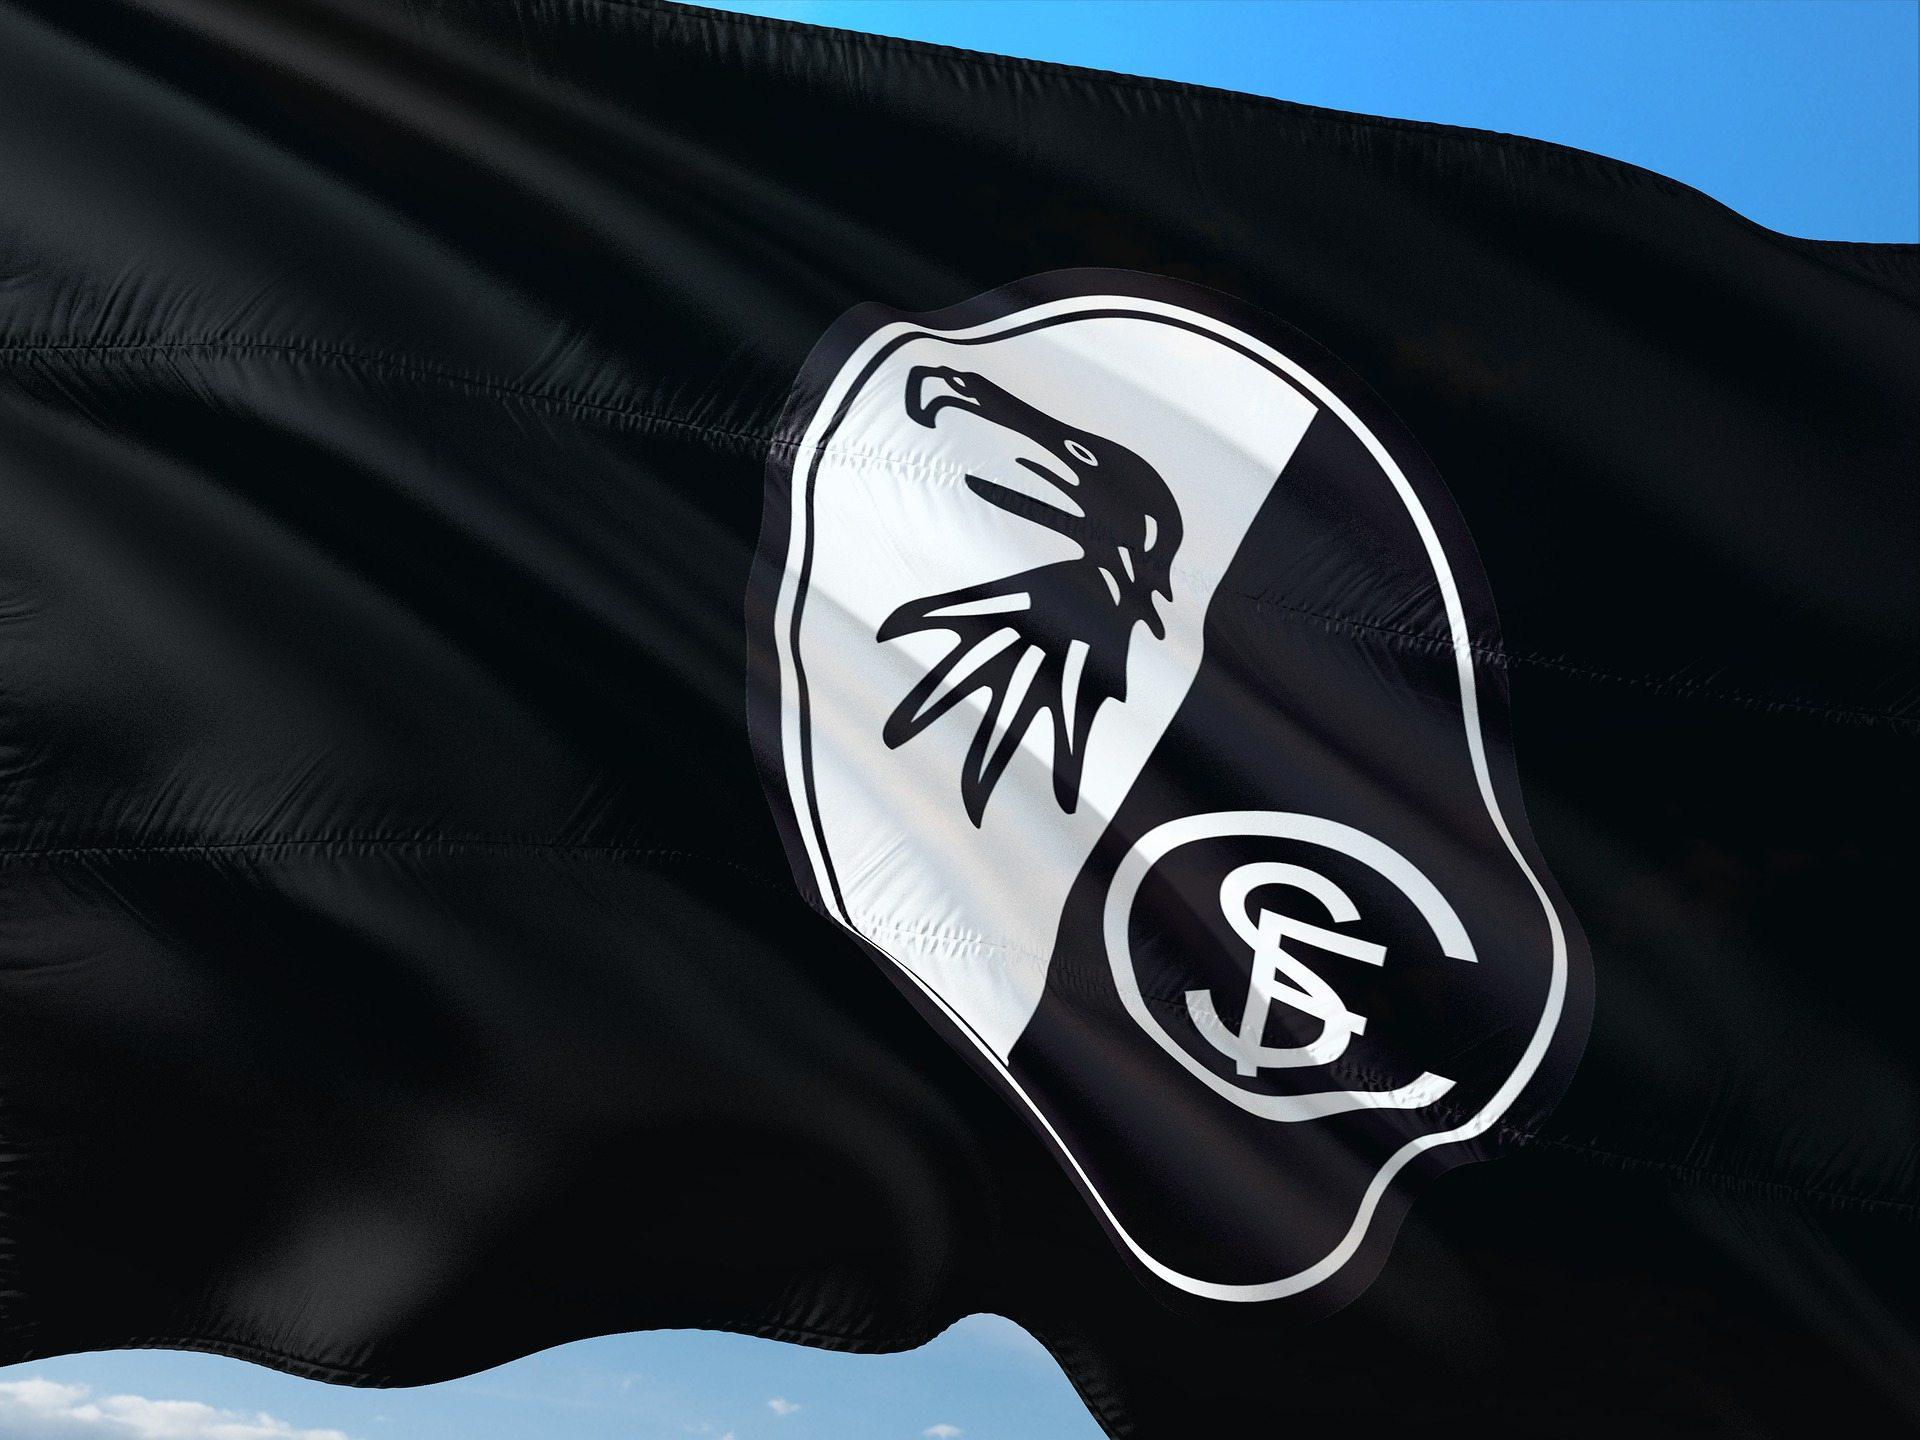 Debiut Polaka w Bundeslidze. W Kolonii budzą nadzieję